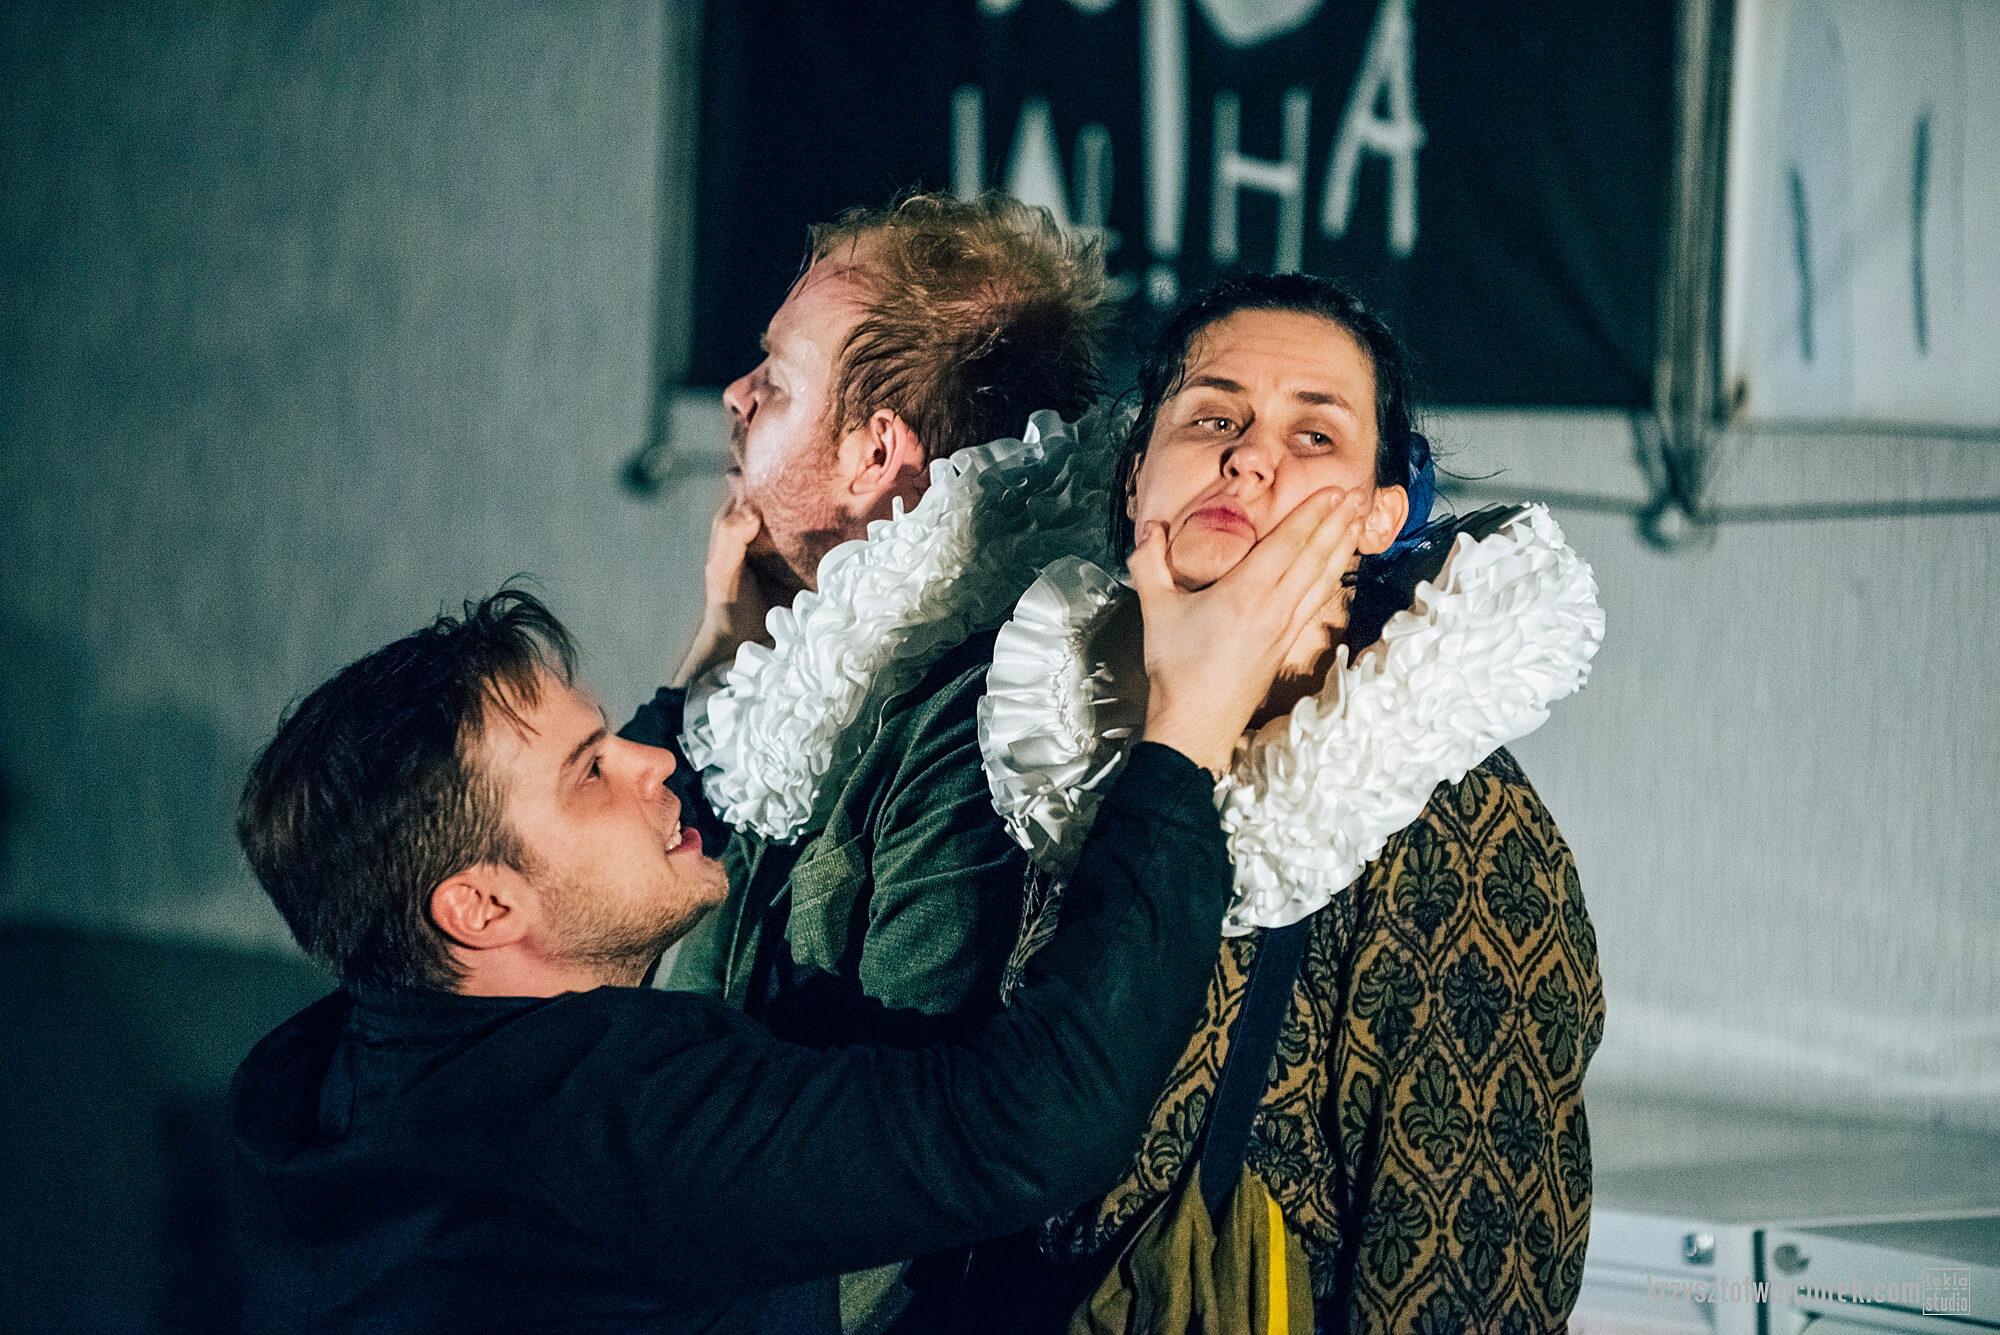 Zdjęcie z festiwalu Pociąg do miasta. Trójka aktorów. Mężczyzna trzyma kobietę i drugiego mężczyznę za twarz.